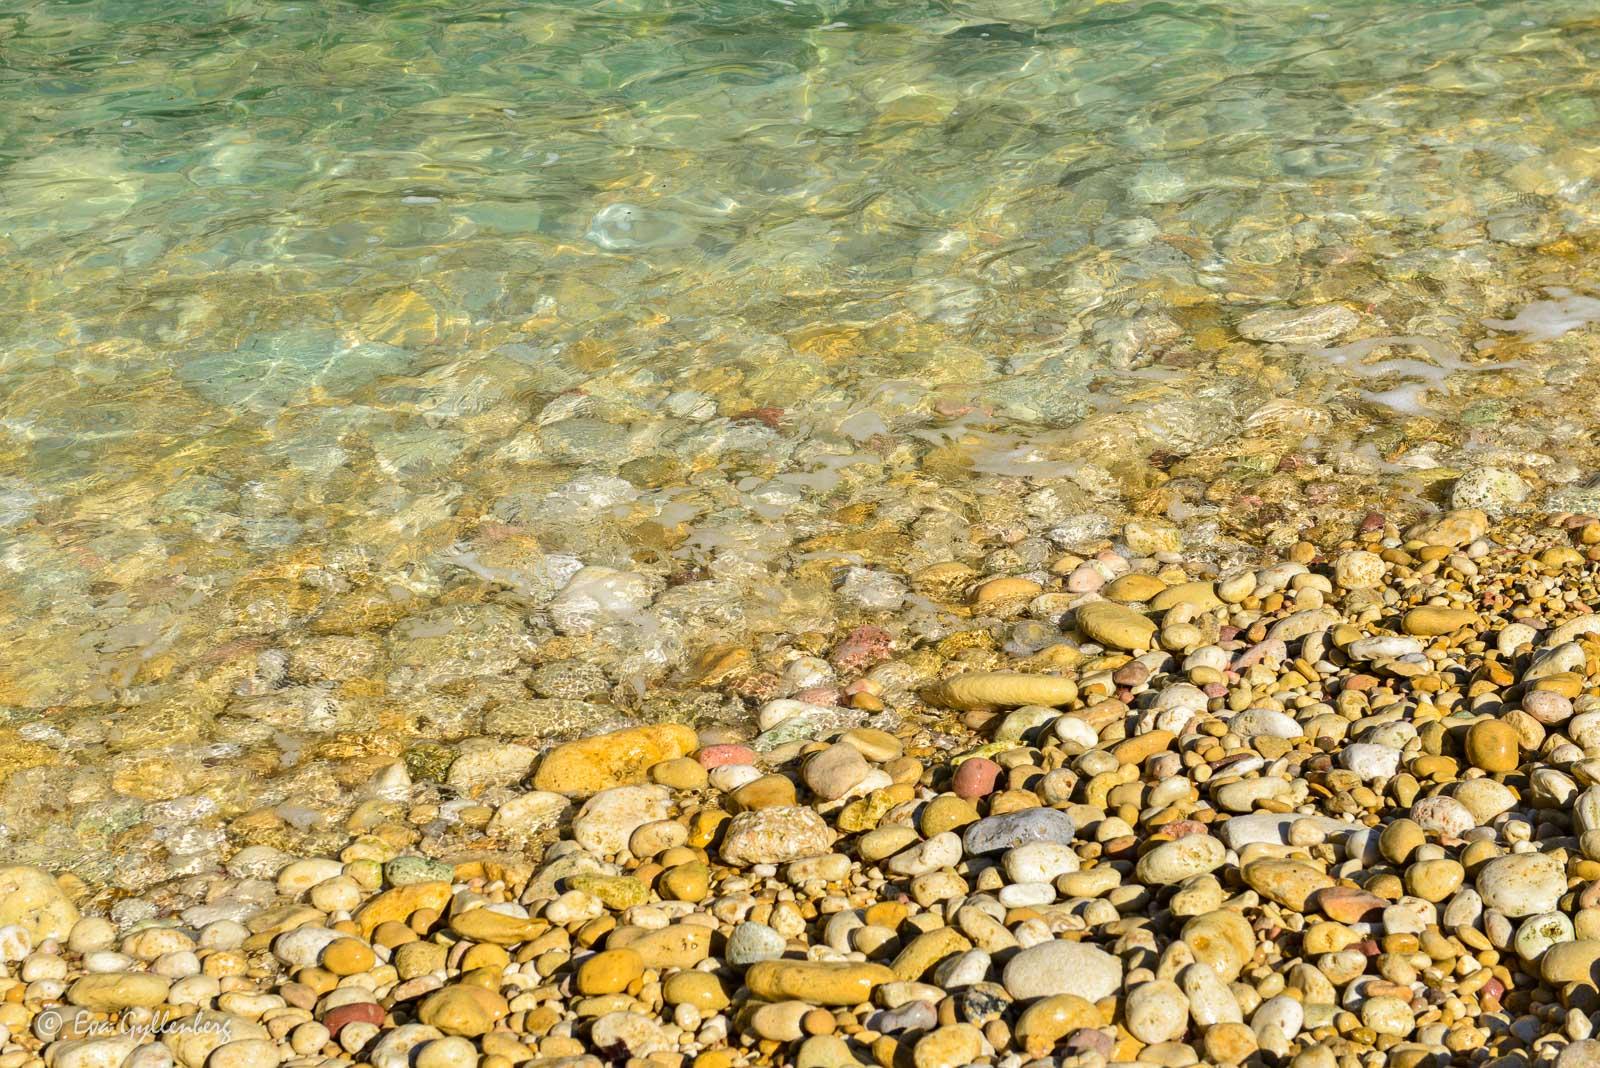 Klart turkost vatten och små gyllene stenar på stranden.